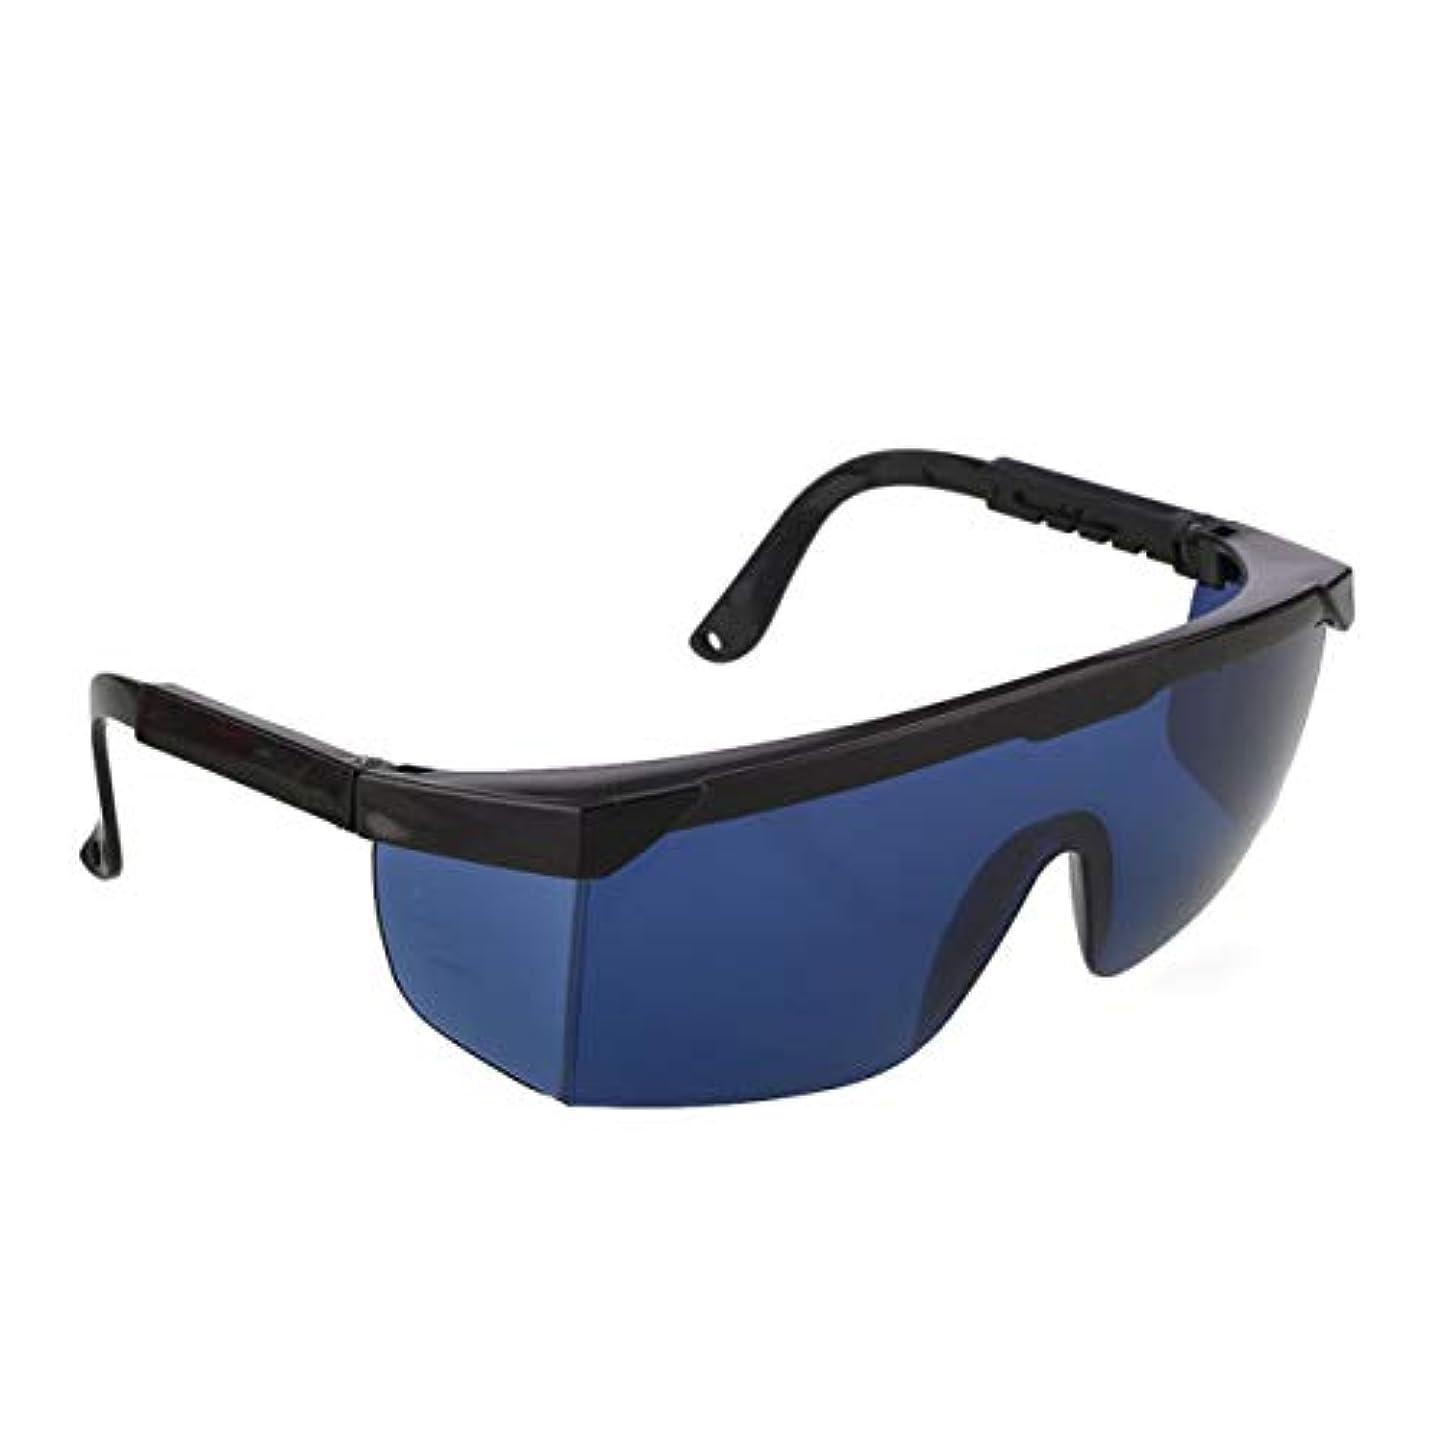 少ない抑圧ロビーSaikogoods 除毛クリーム ポイント脱毛保護メガネユニバーサルゴーグル眼鏡を凍結IPL/E-光OPTのためのレーザー保護メガネ 青